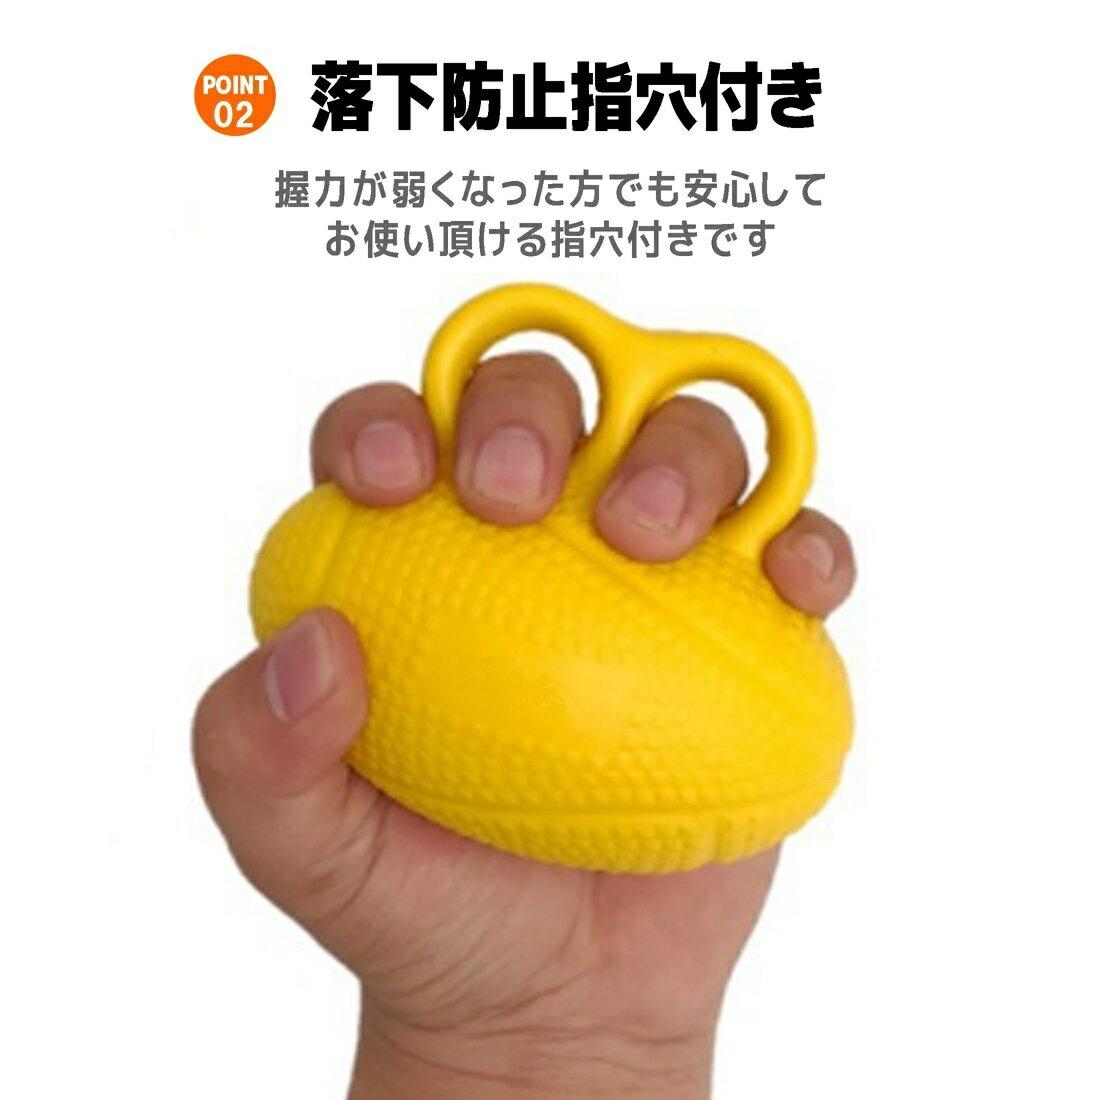 リハビリ ボール 器具 指の力 手 握力 鍛える 回復 トレーニング グッズ 脳梗塞 脳卒中 介護 [改良版]